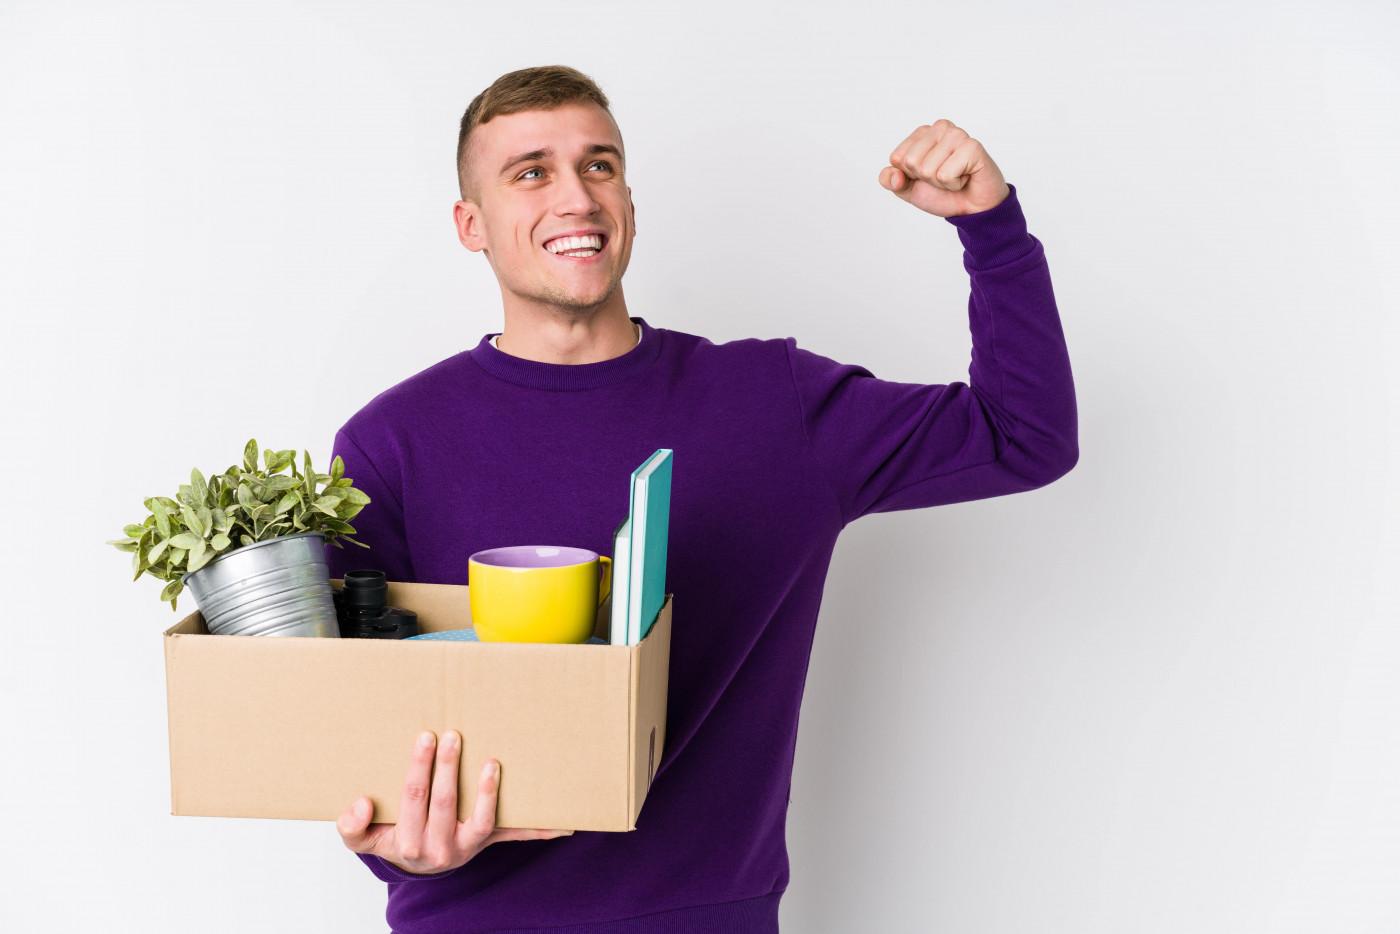 5 ფინანსური გაკვეთილი დამოუკიდებლად ცხოვრებისგან